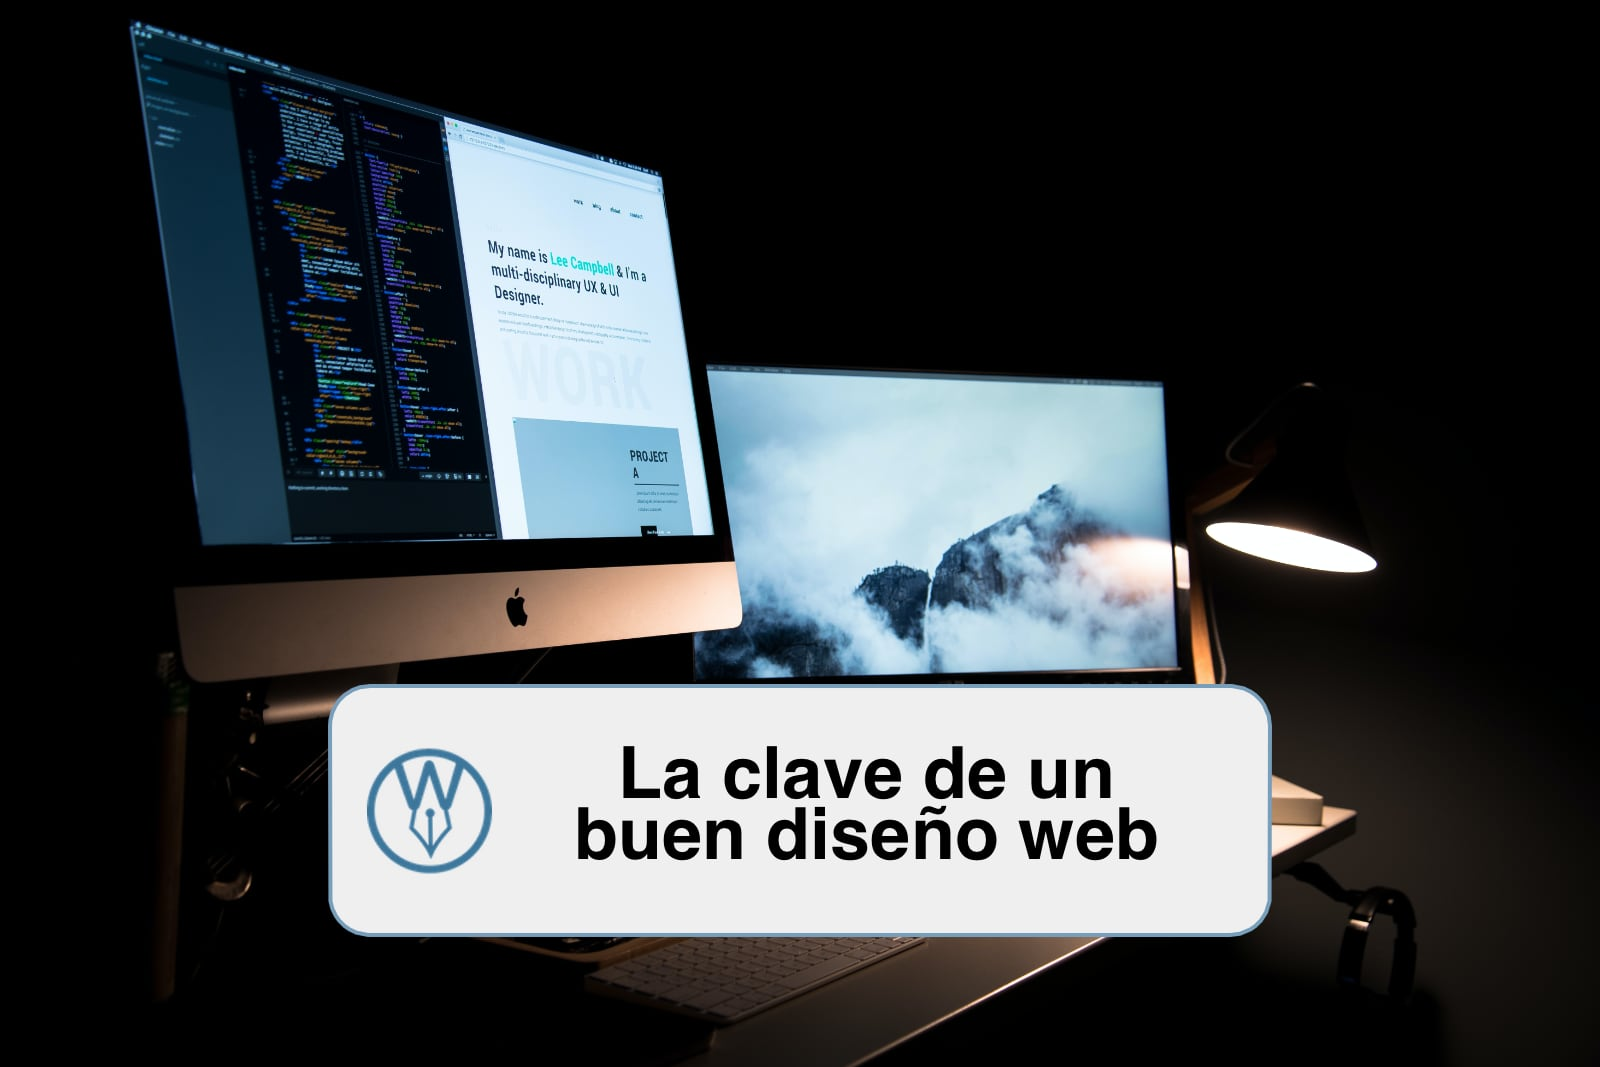 La clave de un buen diseño web